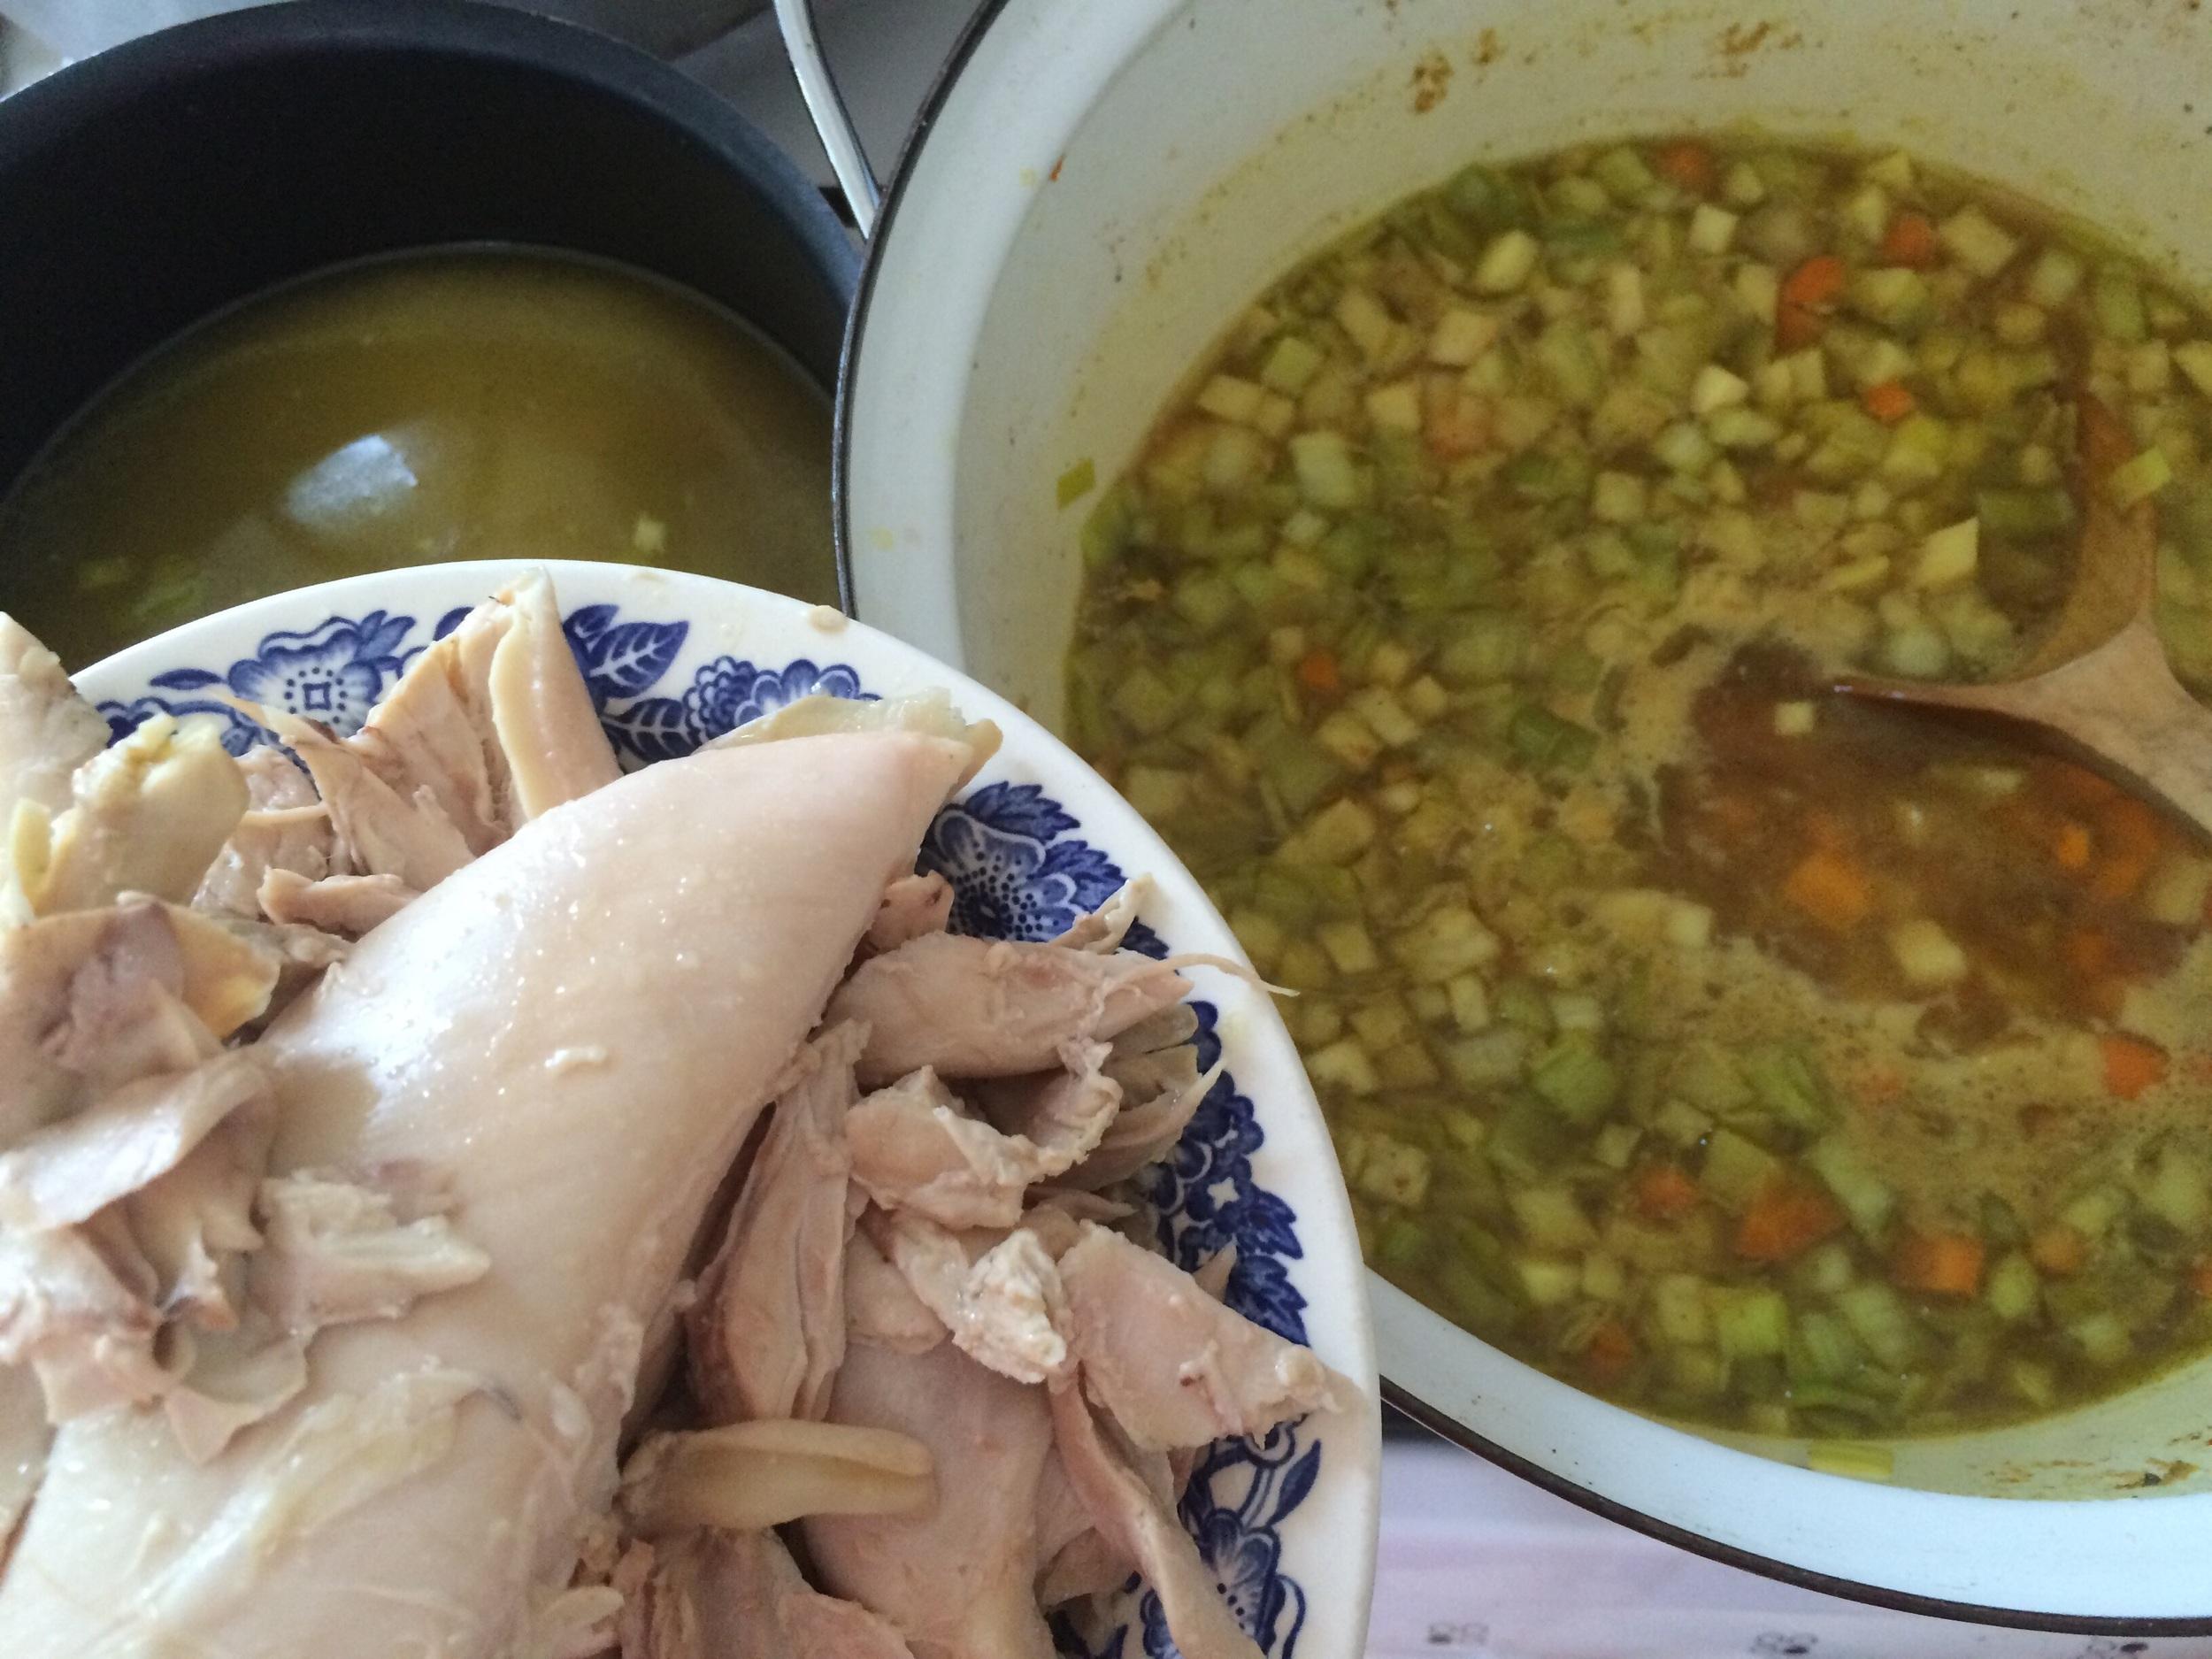 Skumme av urenheter som kommer til overflaten, og varm opp hønsekjøttet litt i suppa. Du kan velge å jevne suppa til en frikassé, eller spise den som den er.